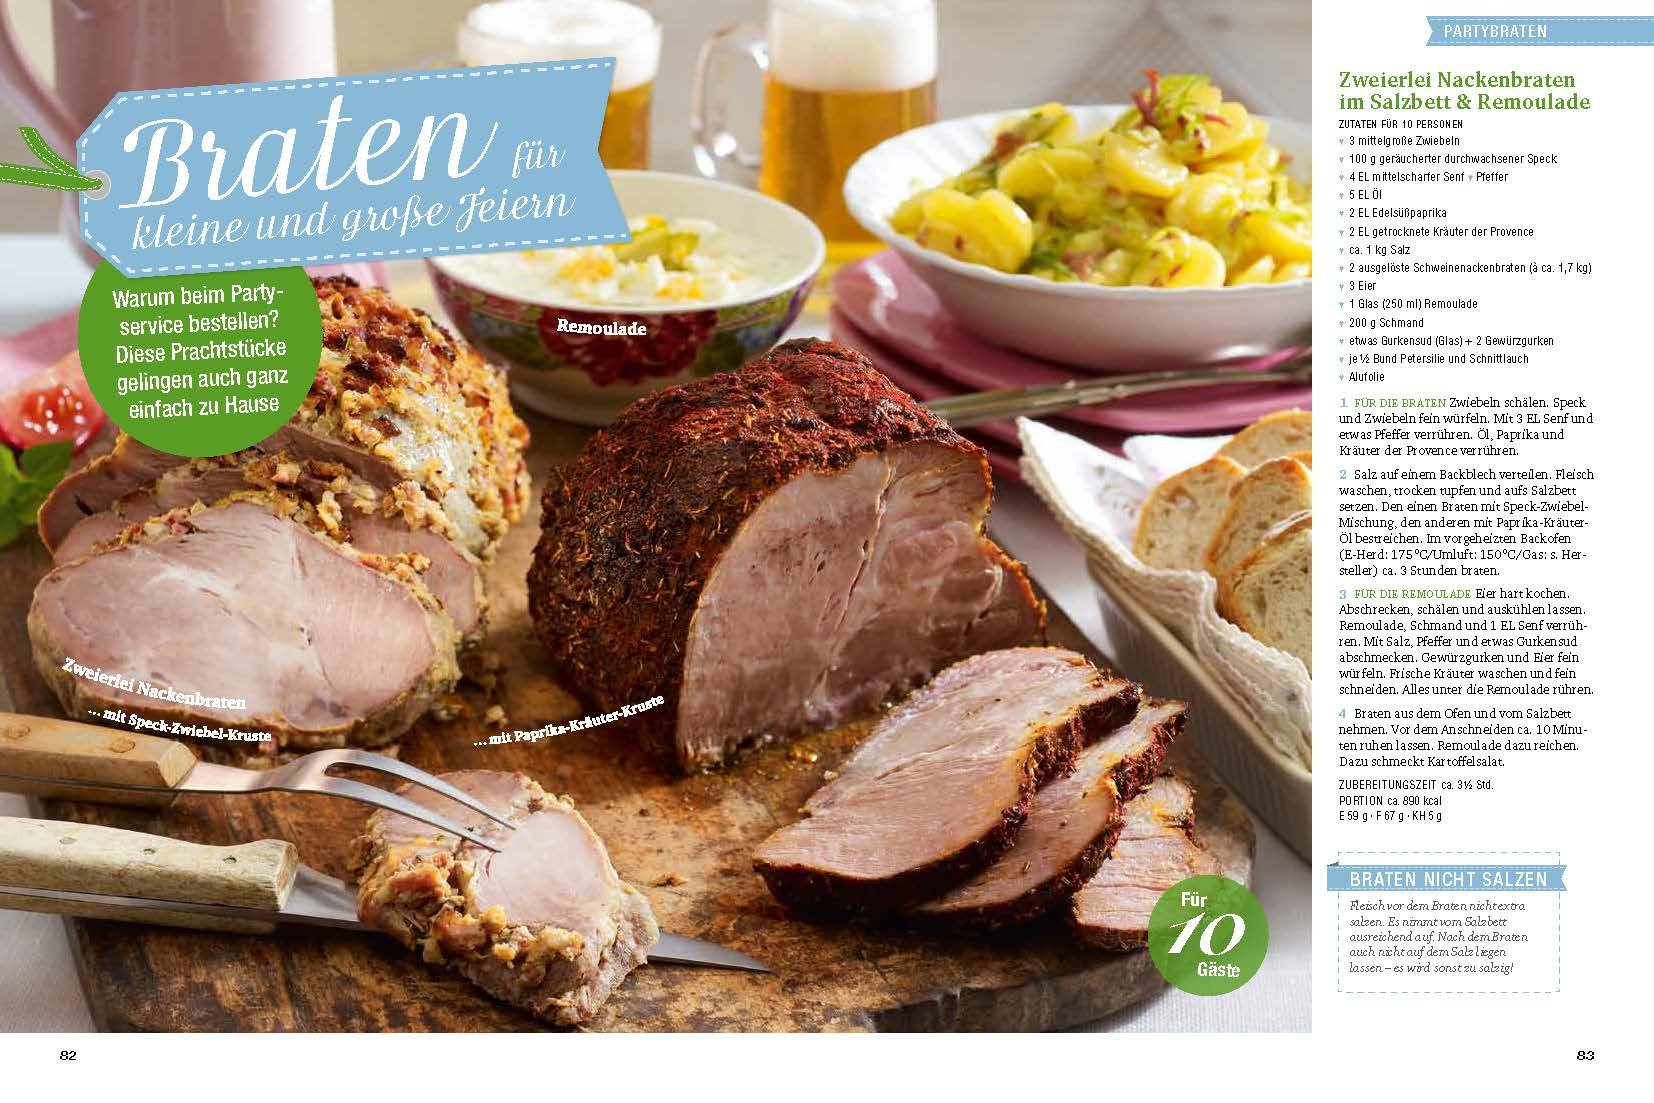 Sommerküche Moewig : Kochen & genießen feste feiern: leckere rezepte für familie und